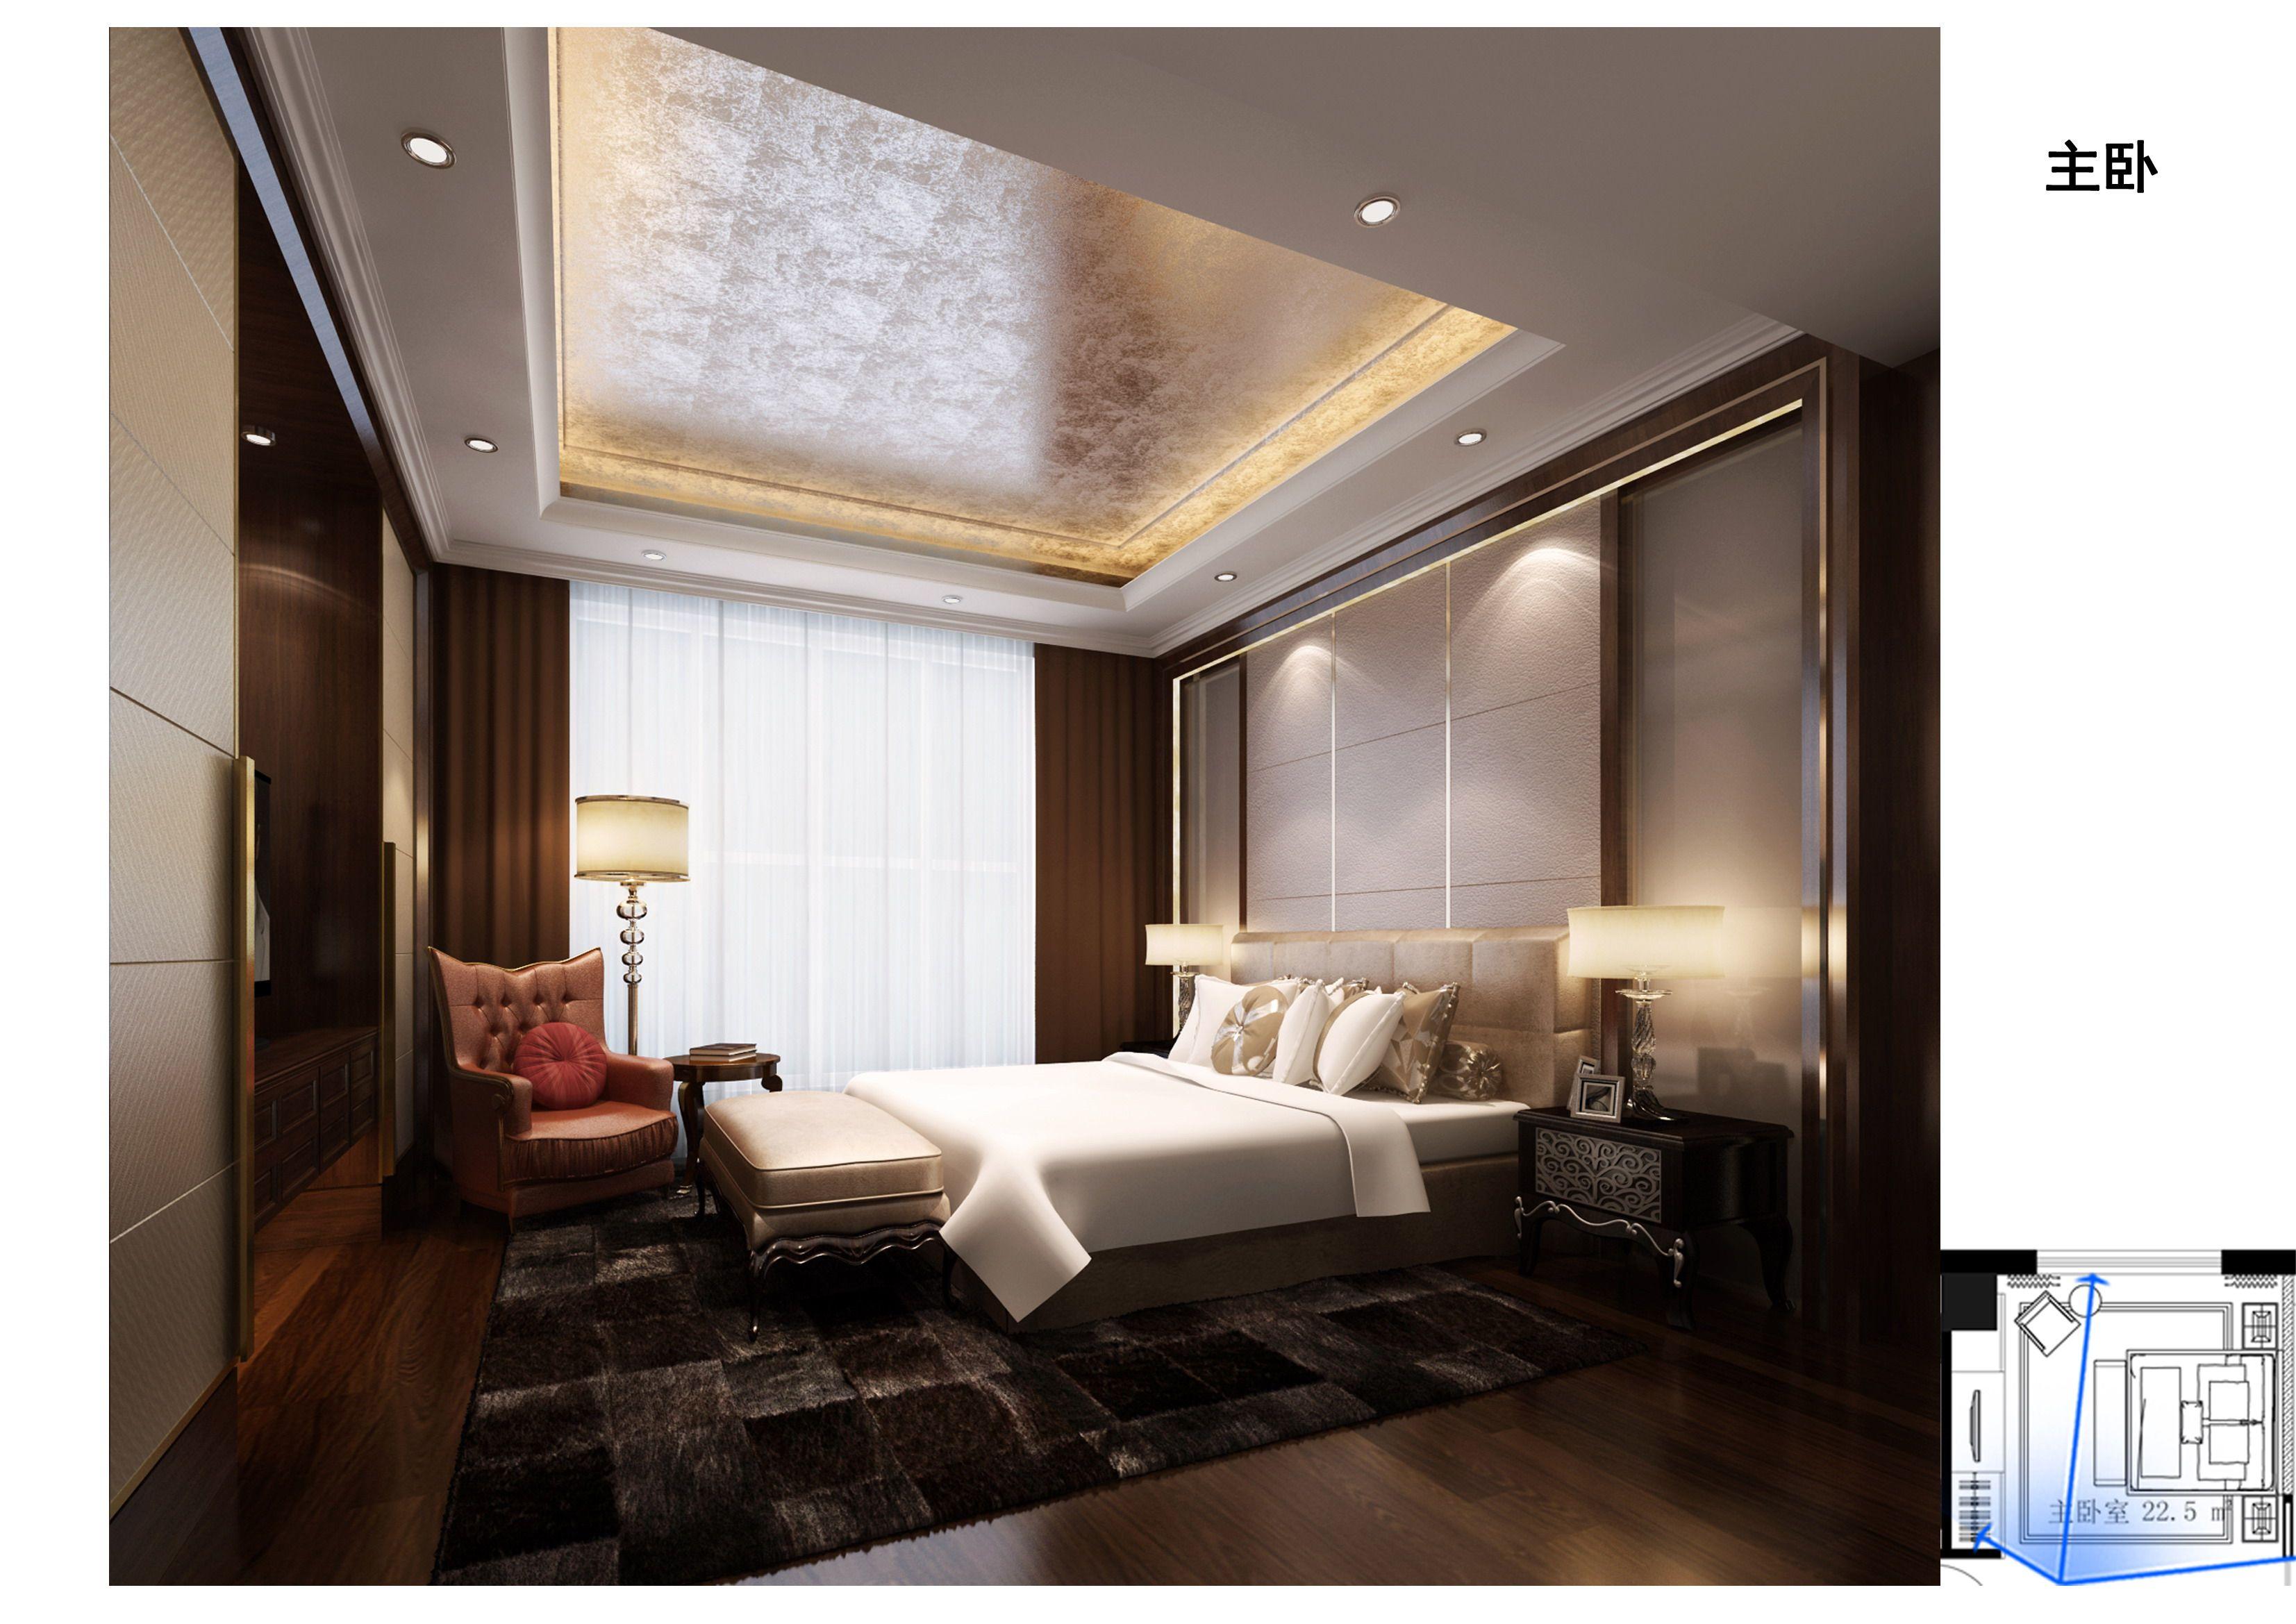 赛洛城室内精装修 - 别墅豪宅 - 北京室内设计网_北京